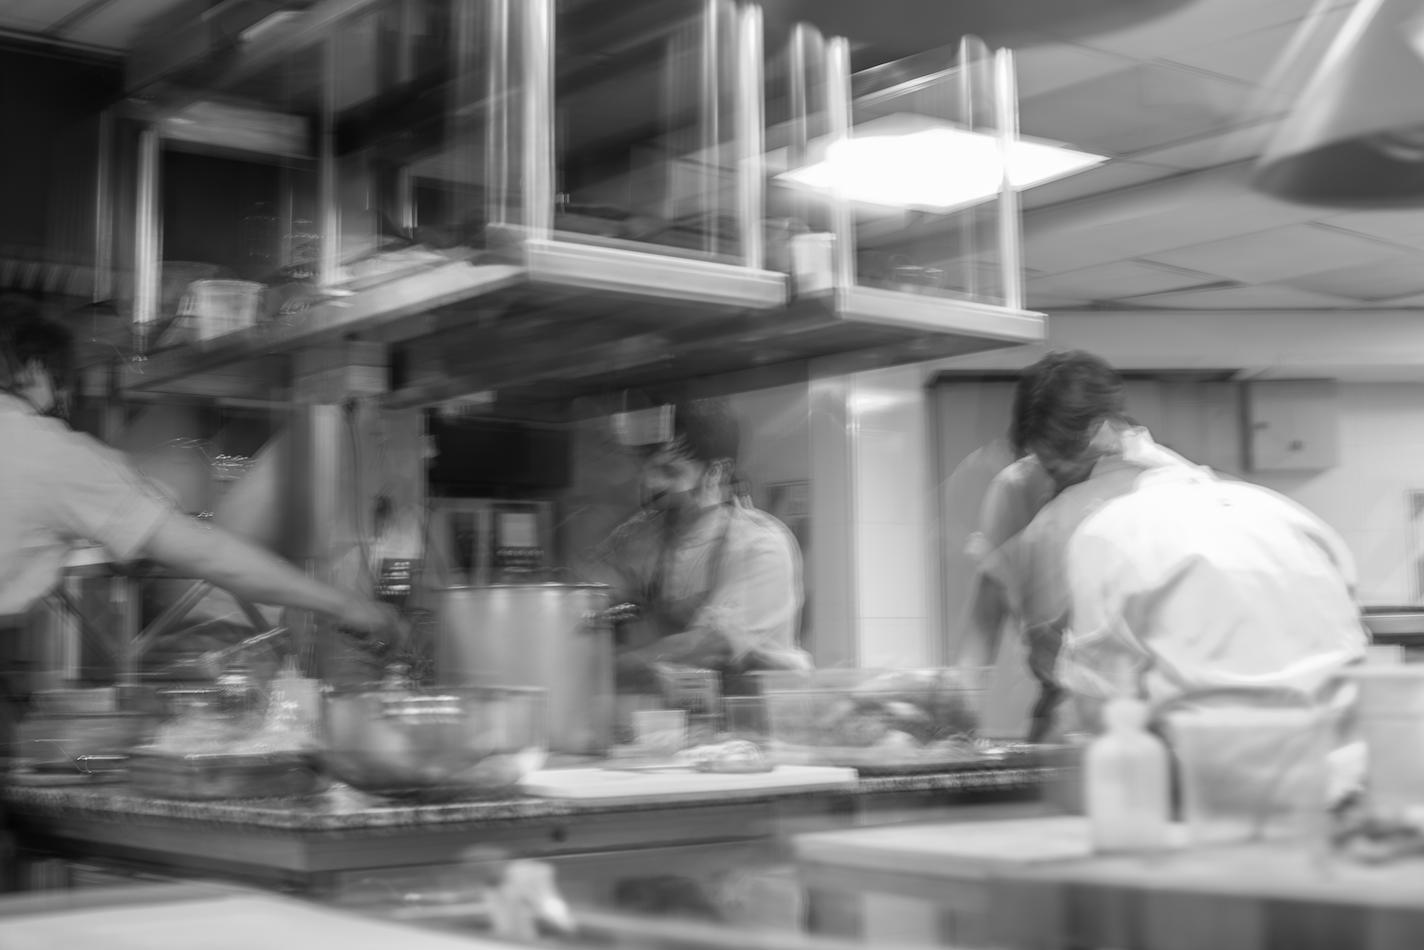 https://www.chilarestaurant.com/practicas-en-la-cocina-por-donde-todo-cocinero-arranca/screen-shot-2020-11-19-at-18-01-33/